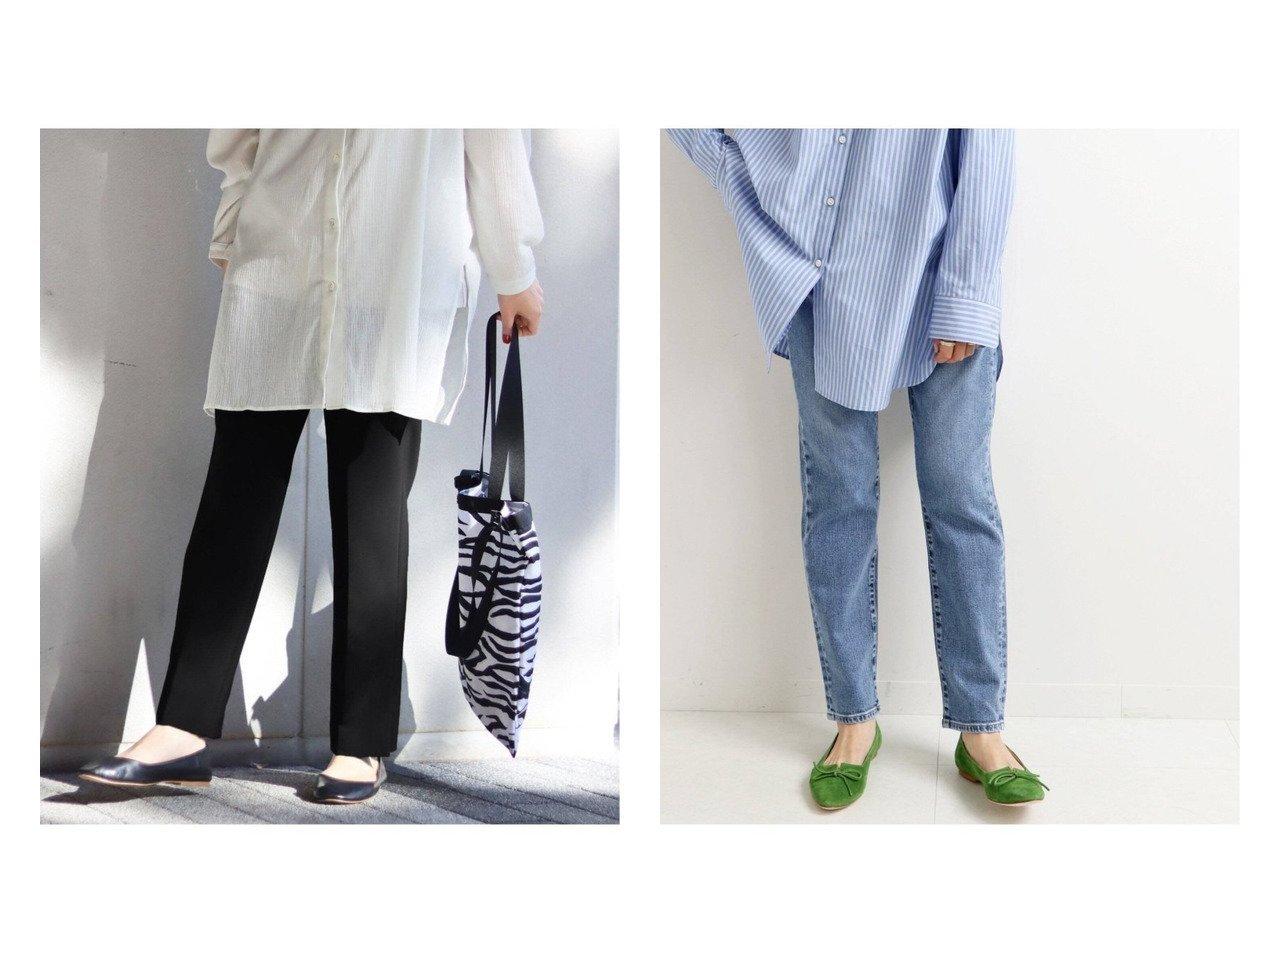 【IENA/イエナ】のストレッチデニムスリムパンツ&【JOURNAL STANDARD/ジャーナルスタンダード】のWクロス サイドベントパンツ 2 【パンツ】おすすめ!人気、トレンド・レディースファッションの通販 おすすめで人気の流行・トレンド、ファッションの通販商品 インテリア・家具・メンズファッション・キッズファッション・レディースファッション・服の通販 founy(ファニー) https://founy.com/ ファッション Fashion レディースファッション WOMEN パンツ Pants 2021年 2021 2021春夏・S/S SS/Spring/Summer/2021 S/S・春夏 SS・Spring/Summer ジーンズ ストレッチ スリム デニム ユーズド 夏 Summer 定番 Standard 春 Spring |ID:crp329100000047473